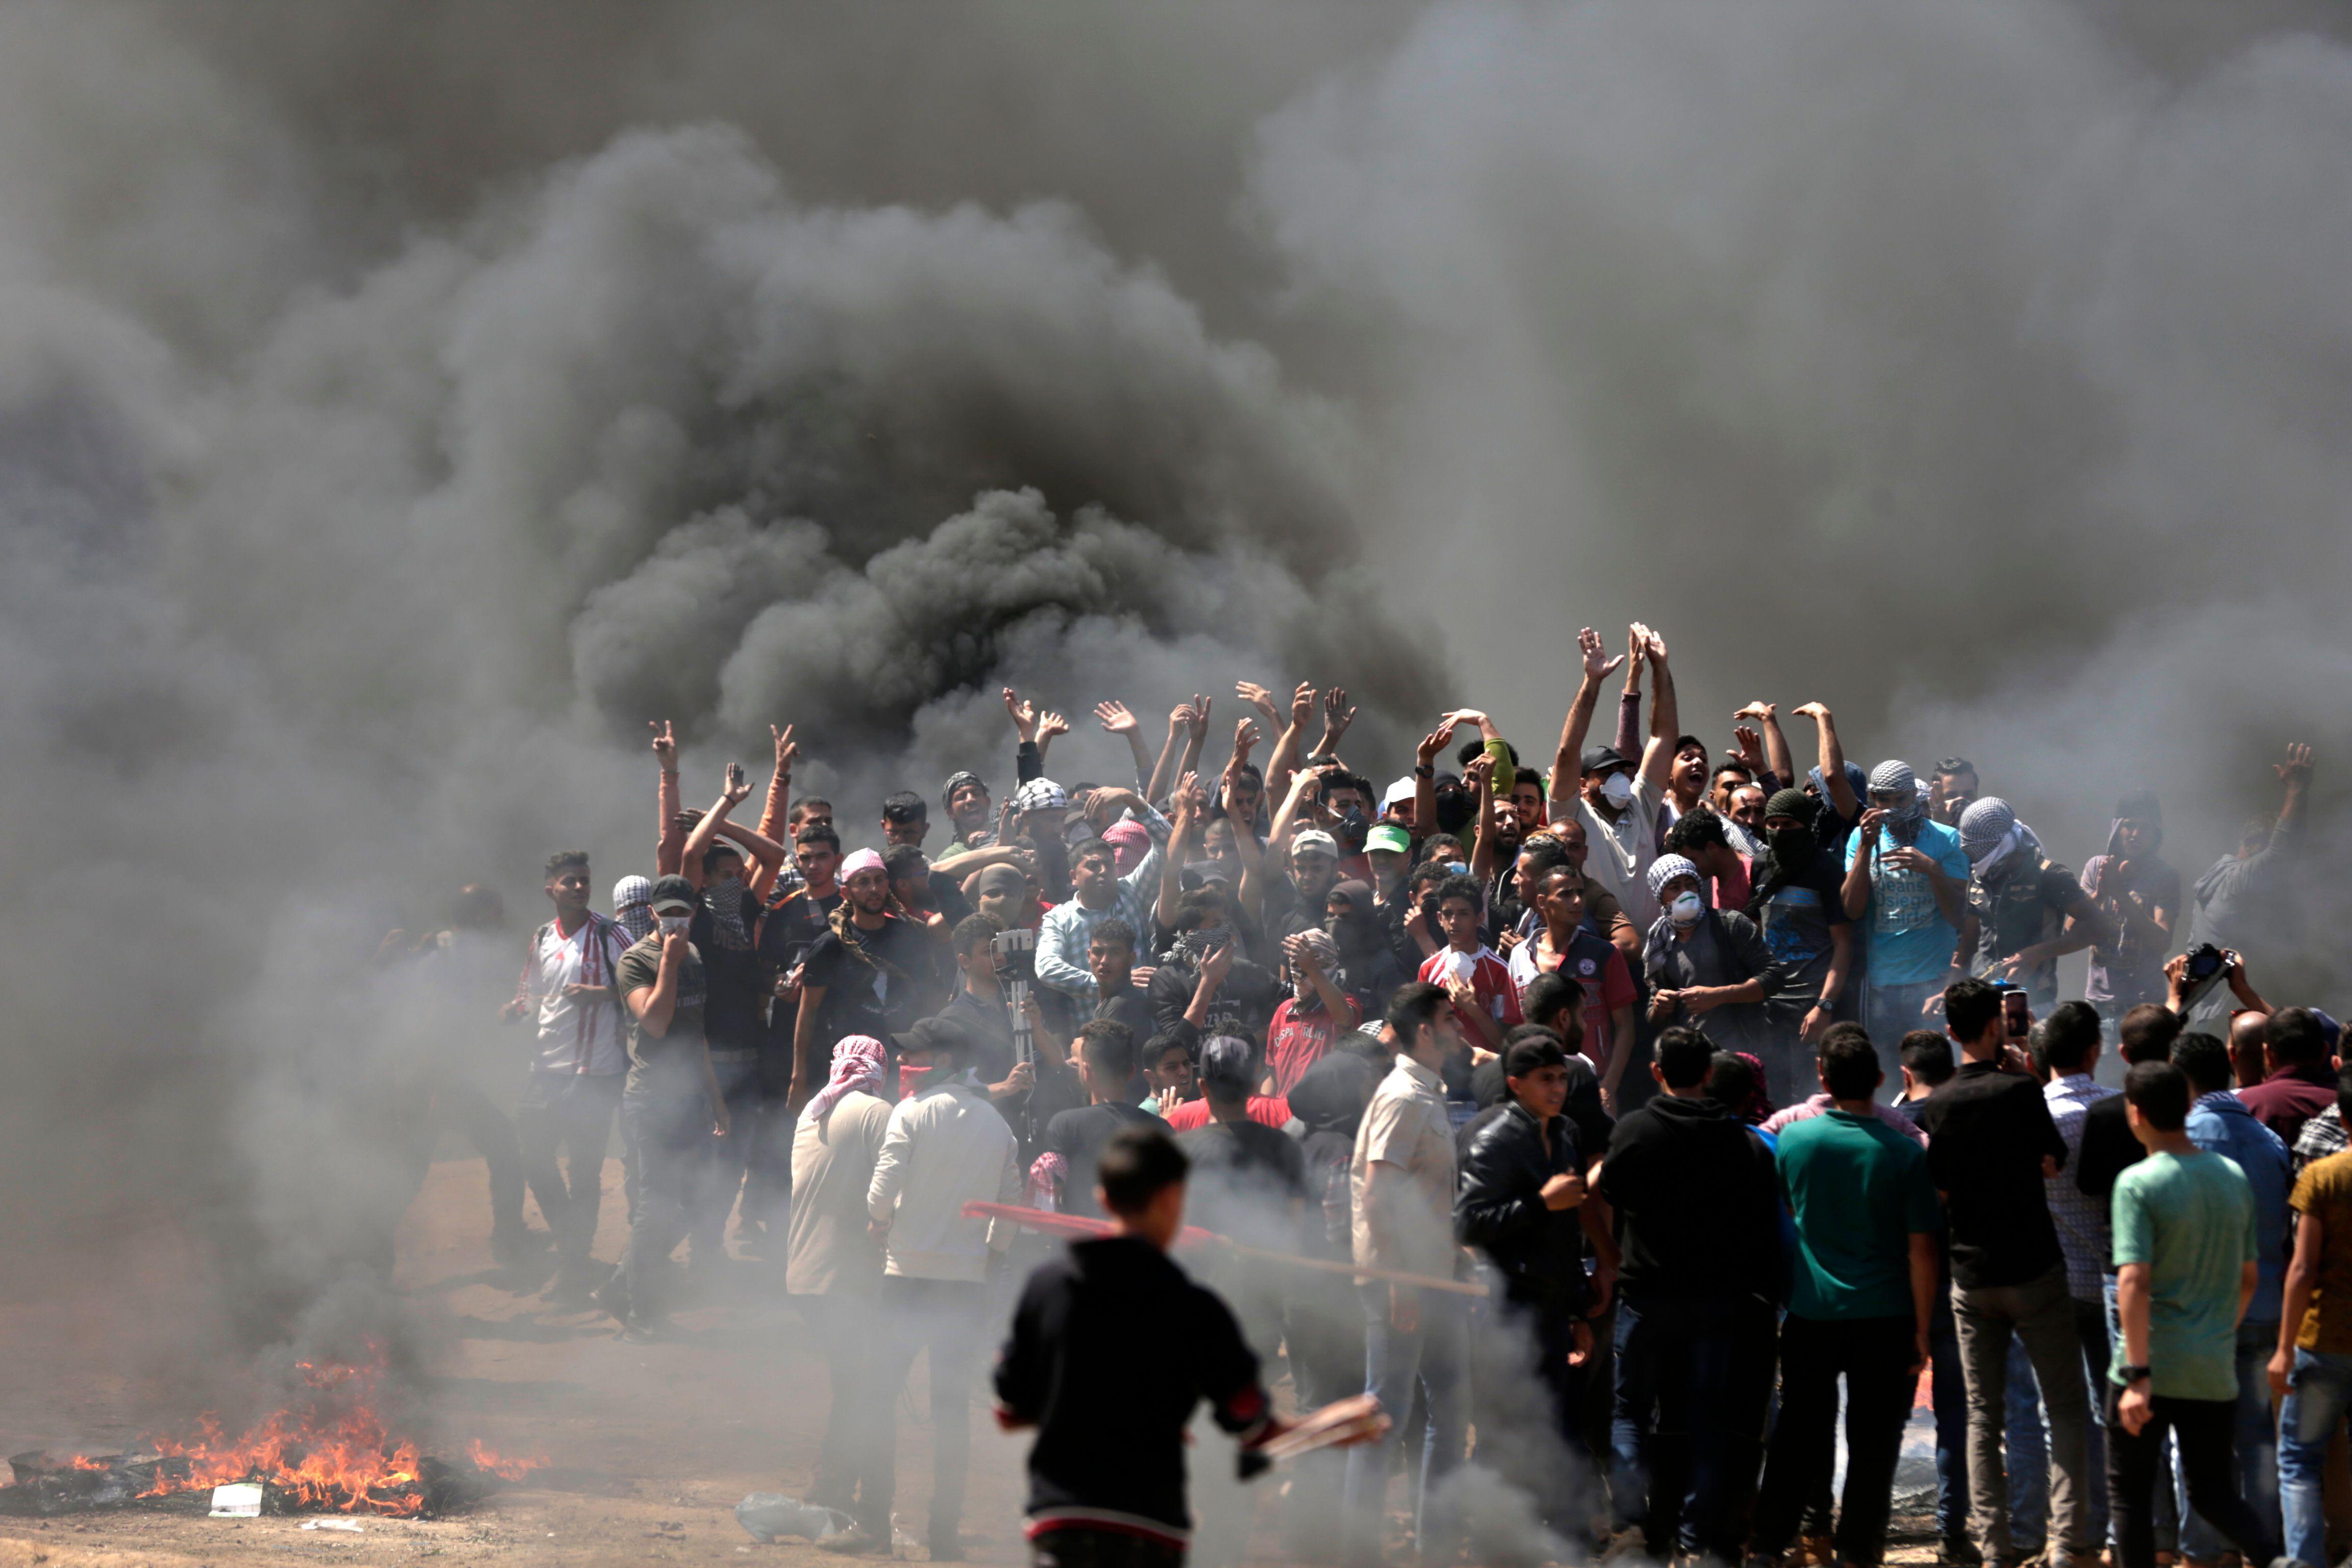 تجمع مئات الشباب الفلسطينى على القطاع الحدود لغزة